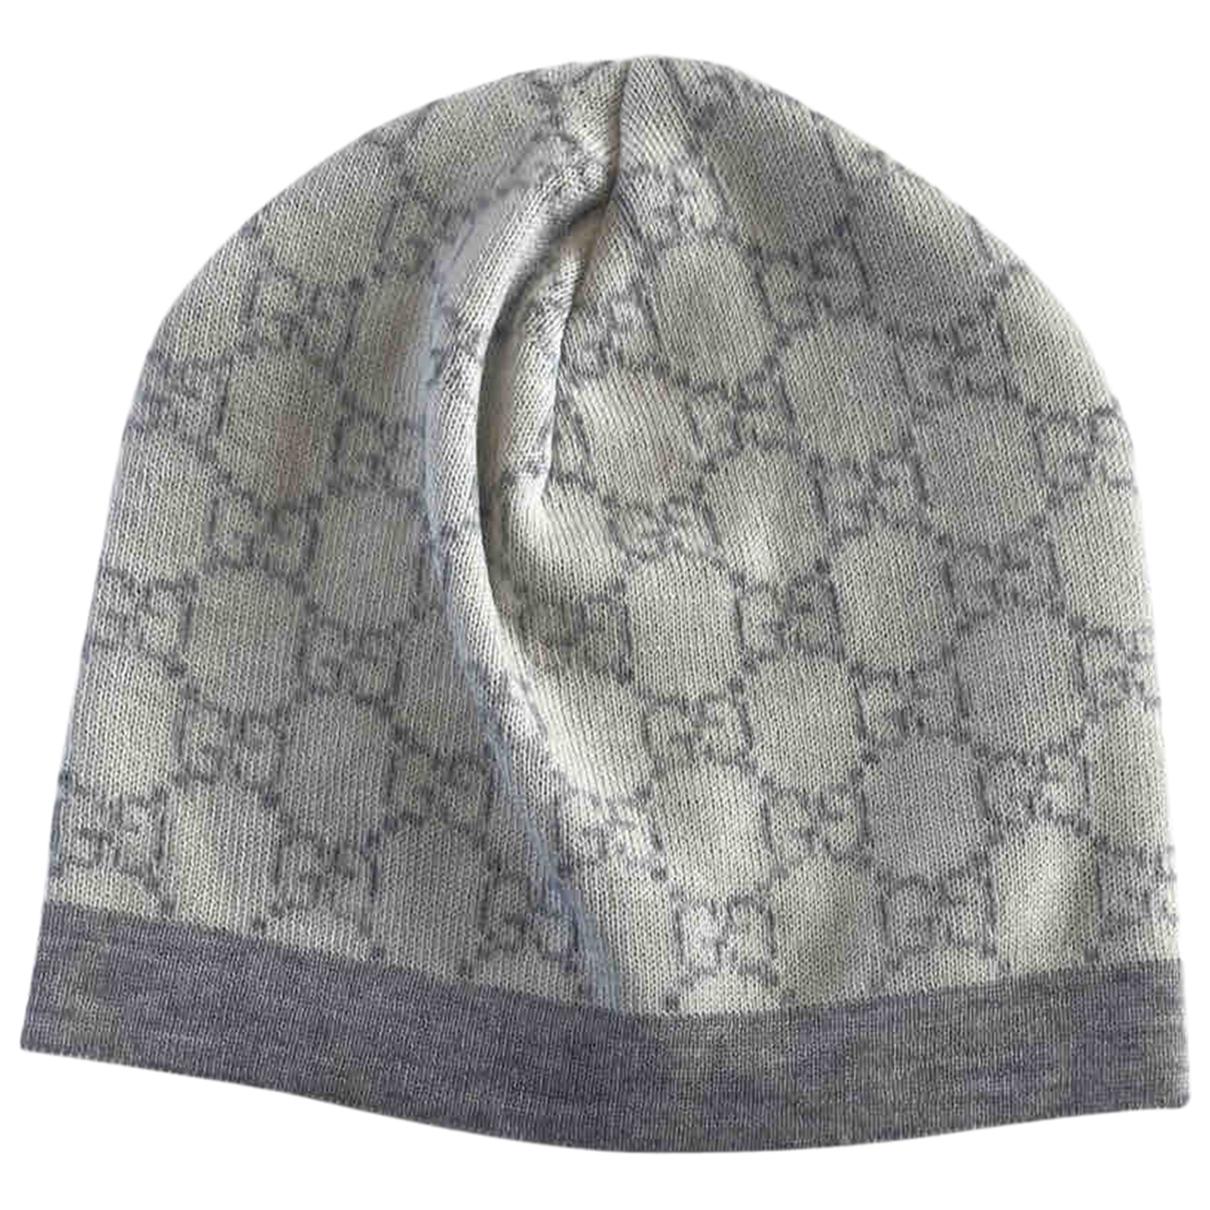 Gucci \N Hut, Muetzen, Handschuhe in  Ecru Wolle